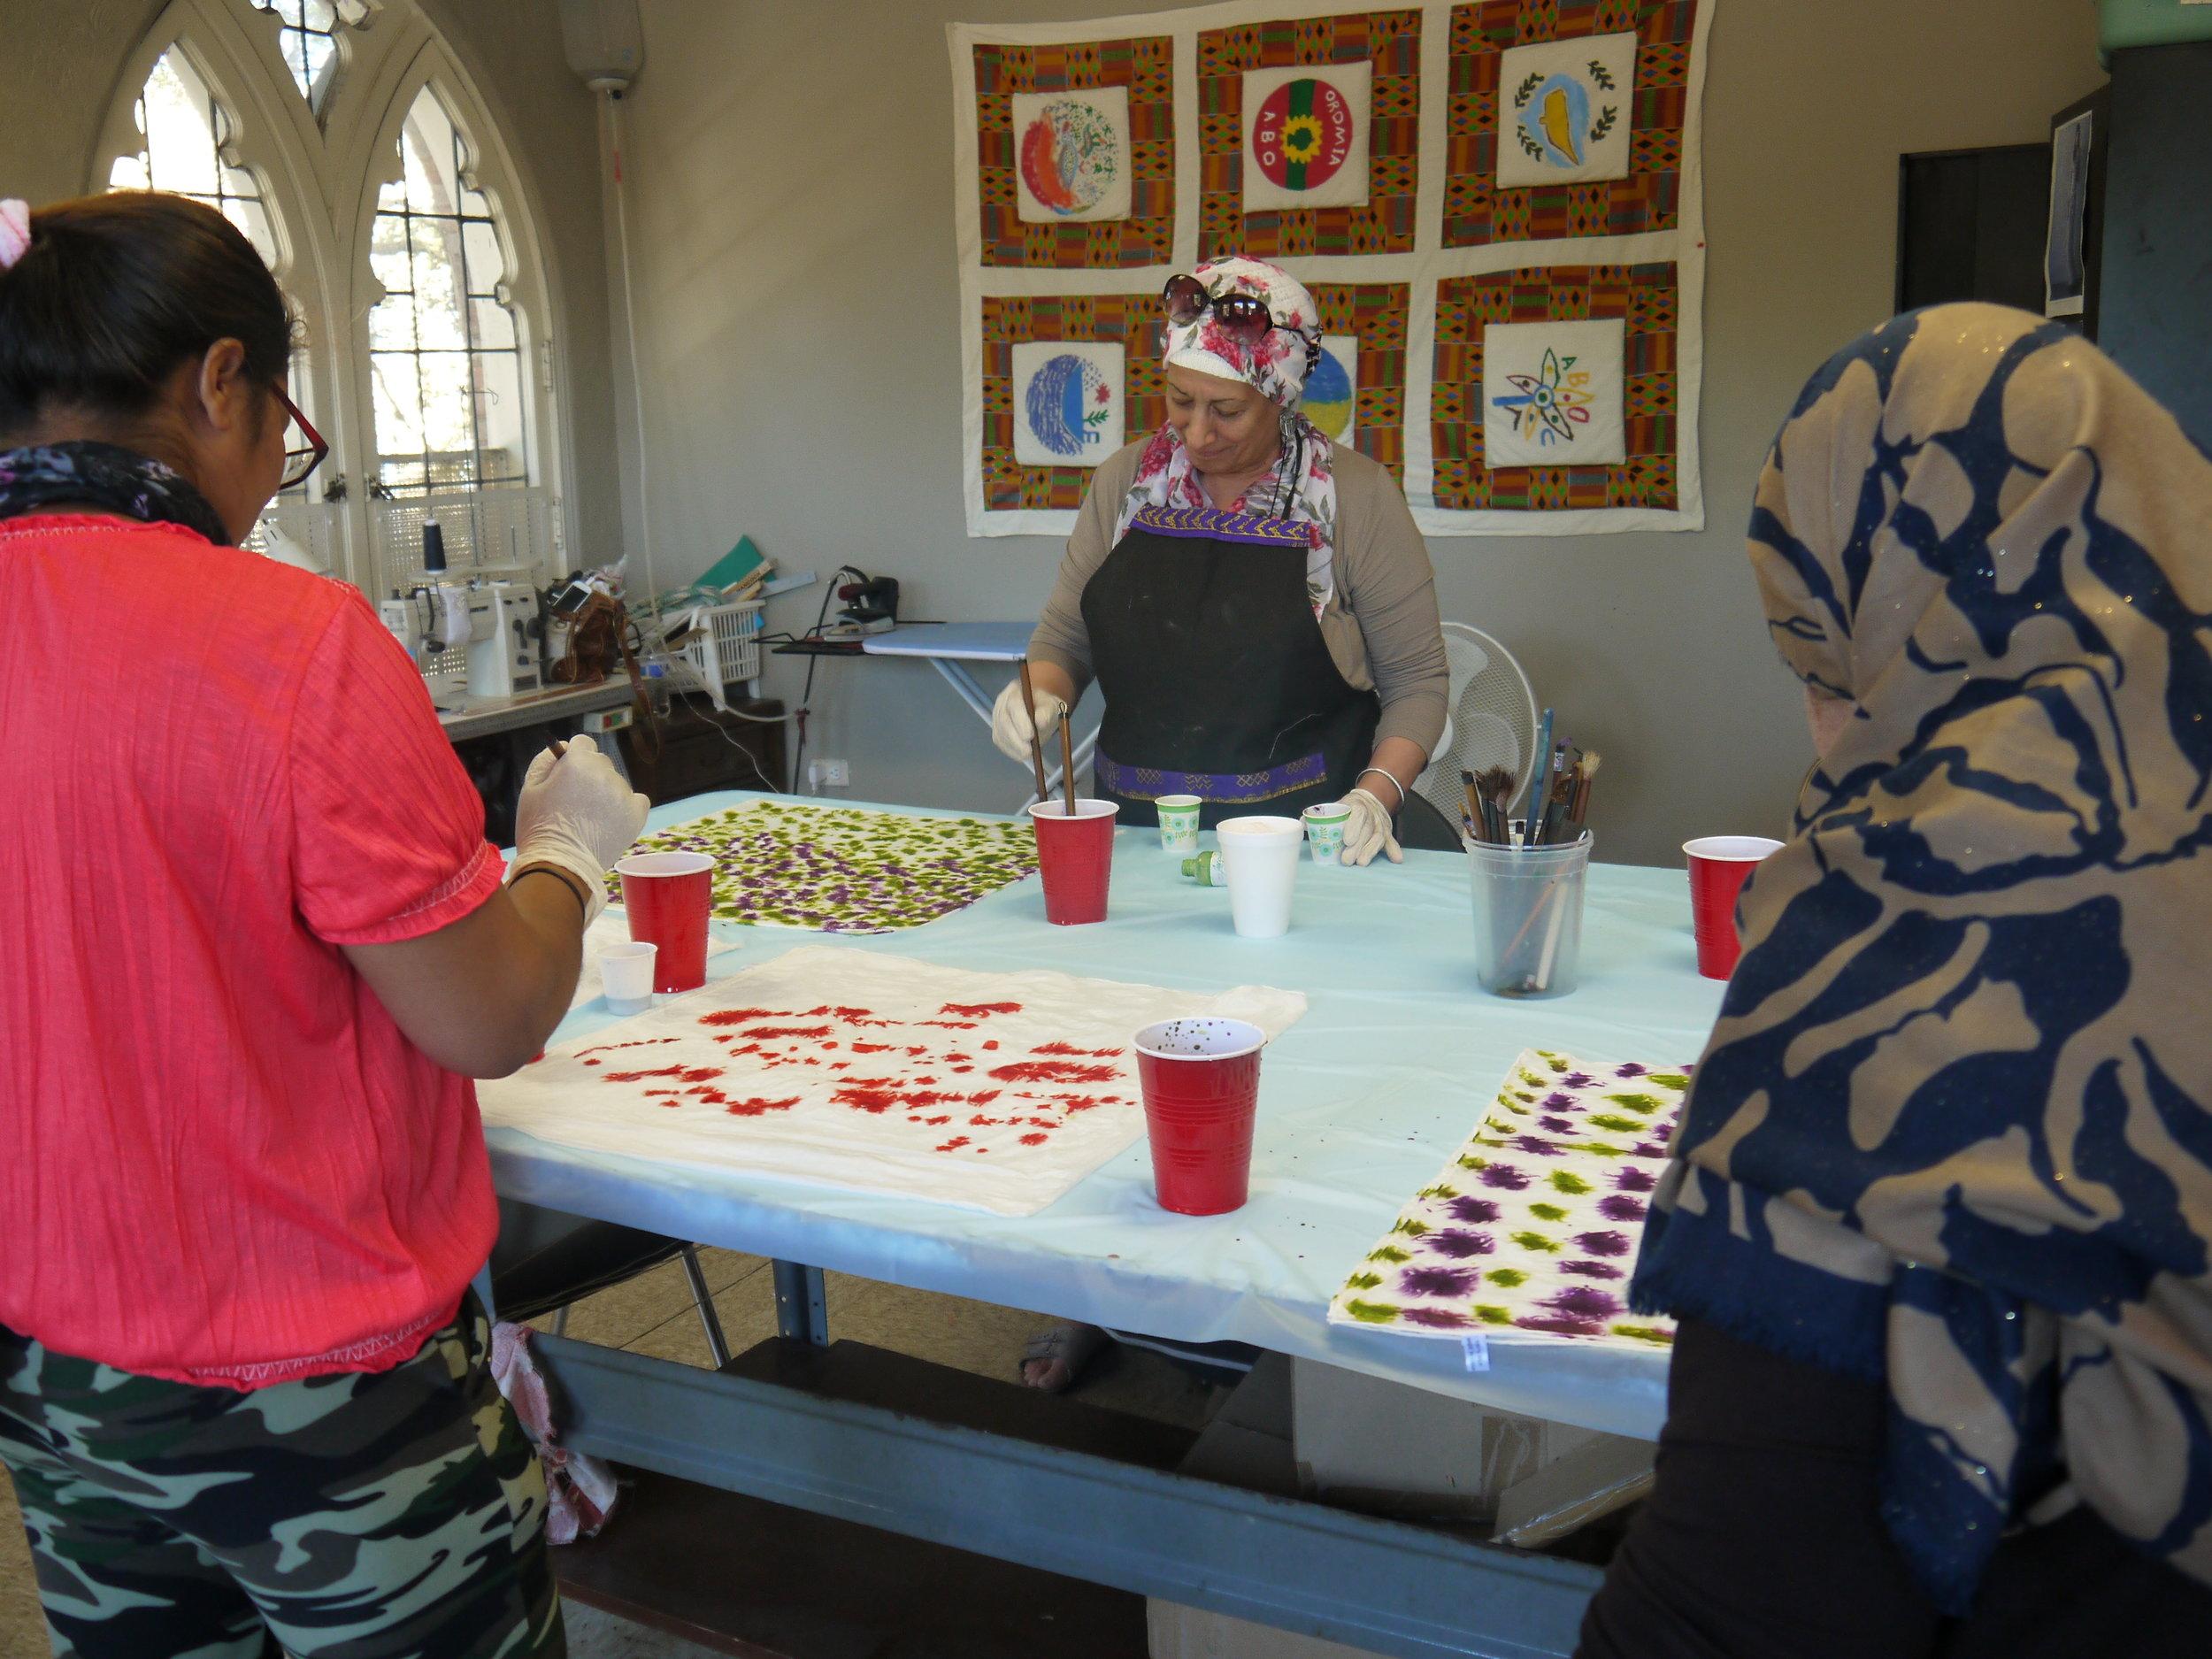 Boj Josi, Batool, and Hlaiwah working on their creations